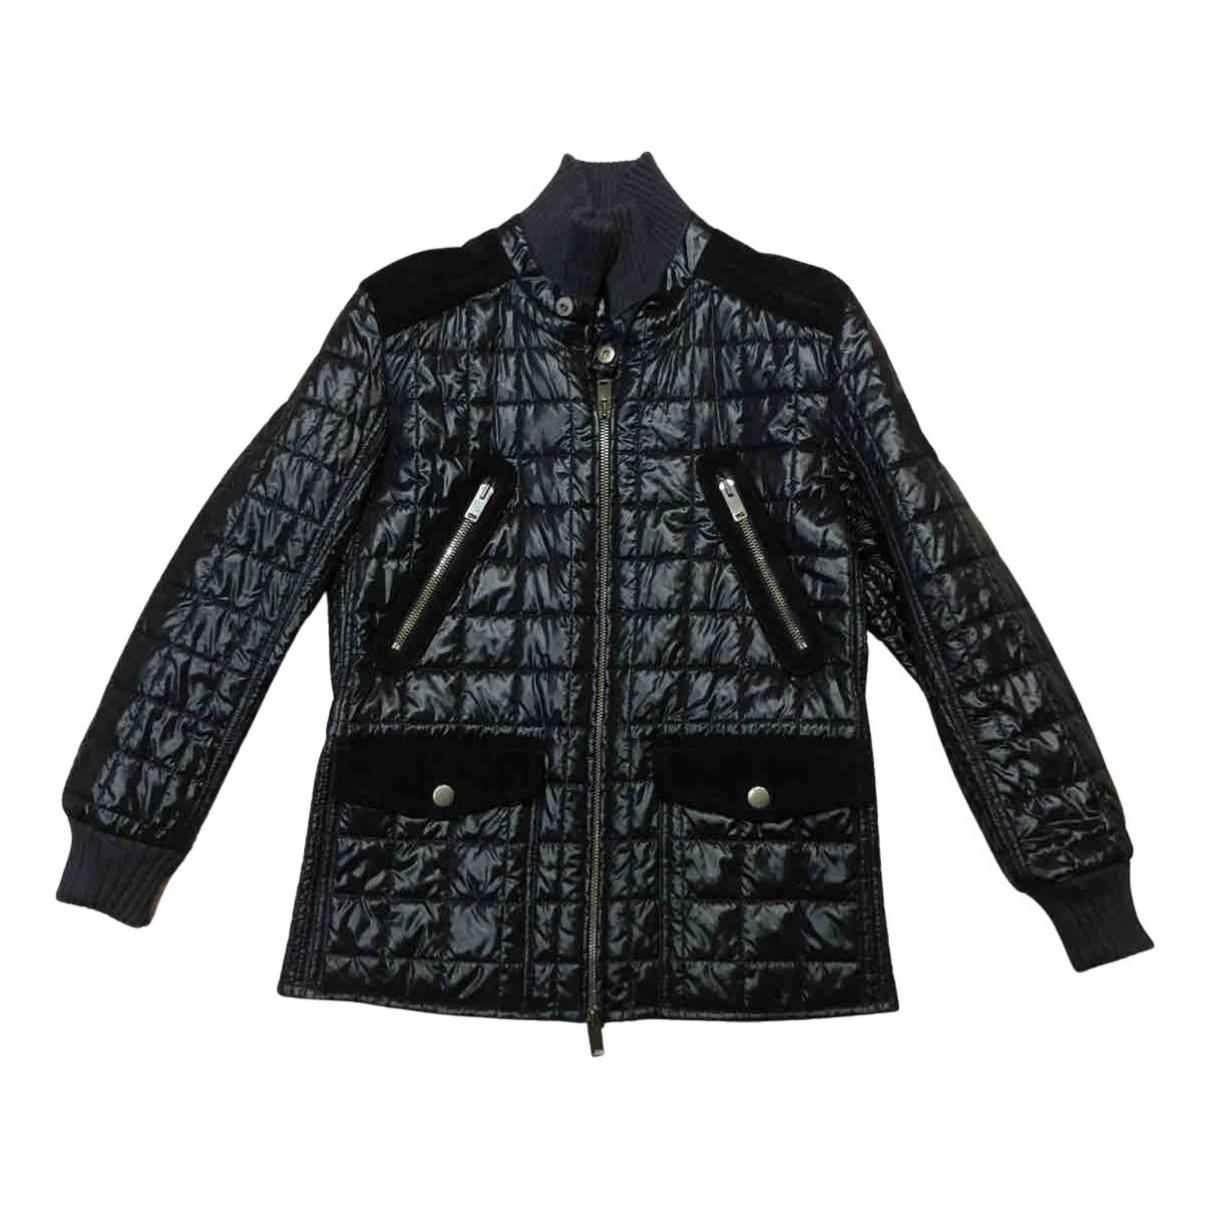 Gucci N Black jacket  for Men 46 IT